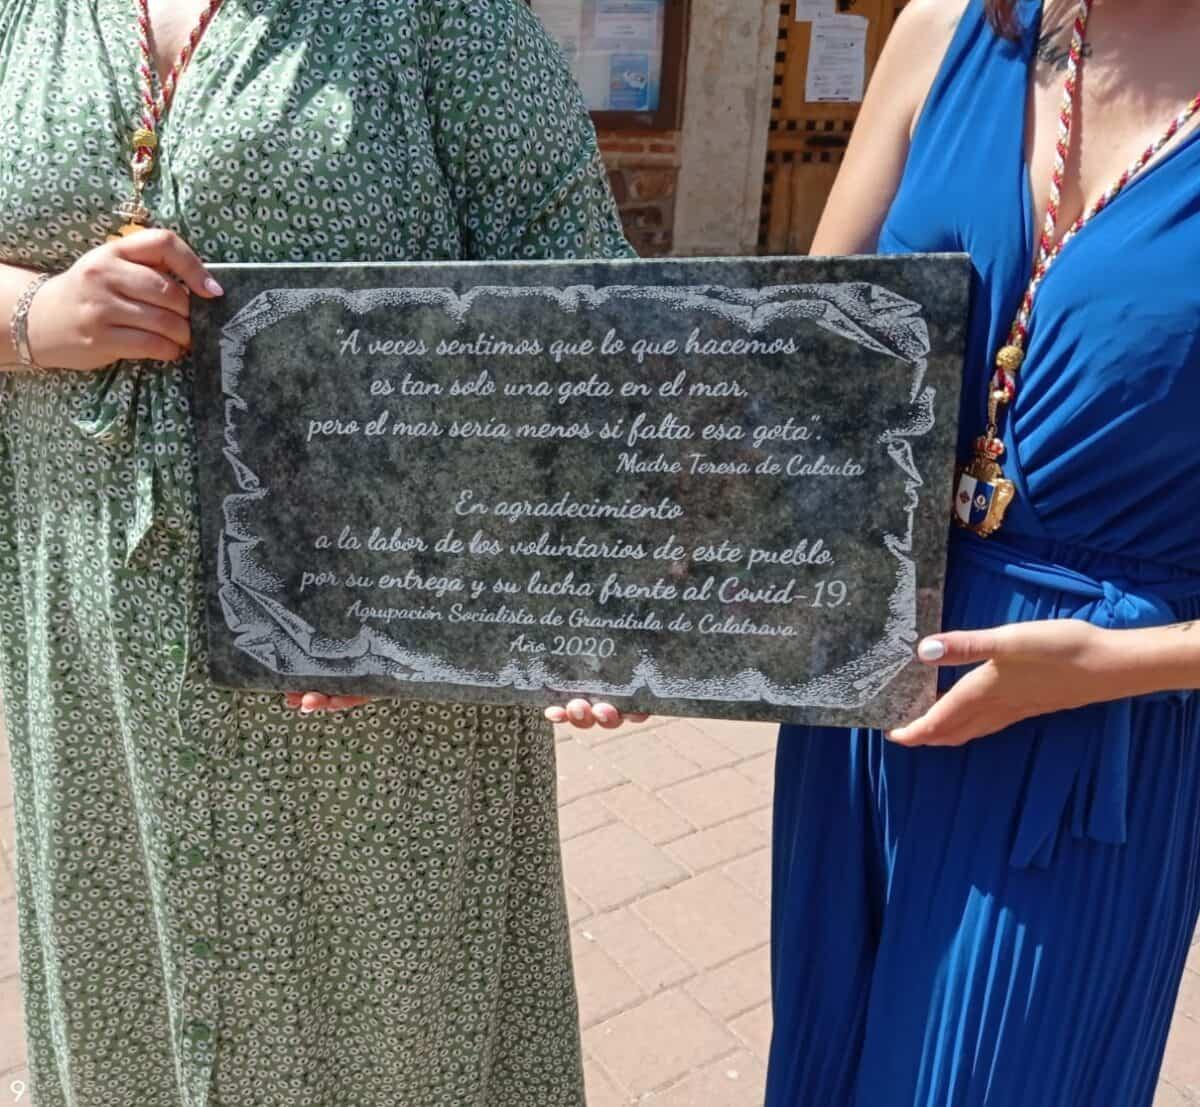 PSOE de Granátula de Calatrava preparó placa homenaje a trabajadores y voluntarios de la localidad que lucharon contra el COVID 2